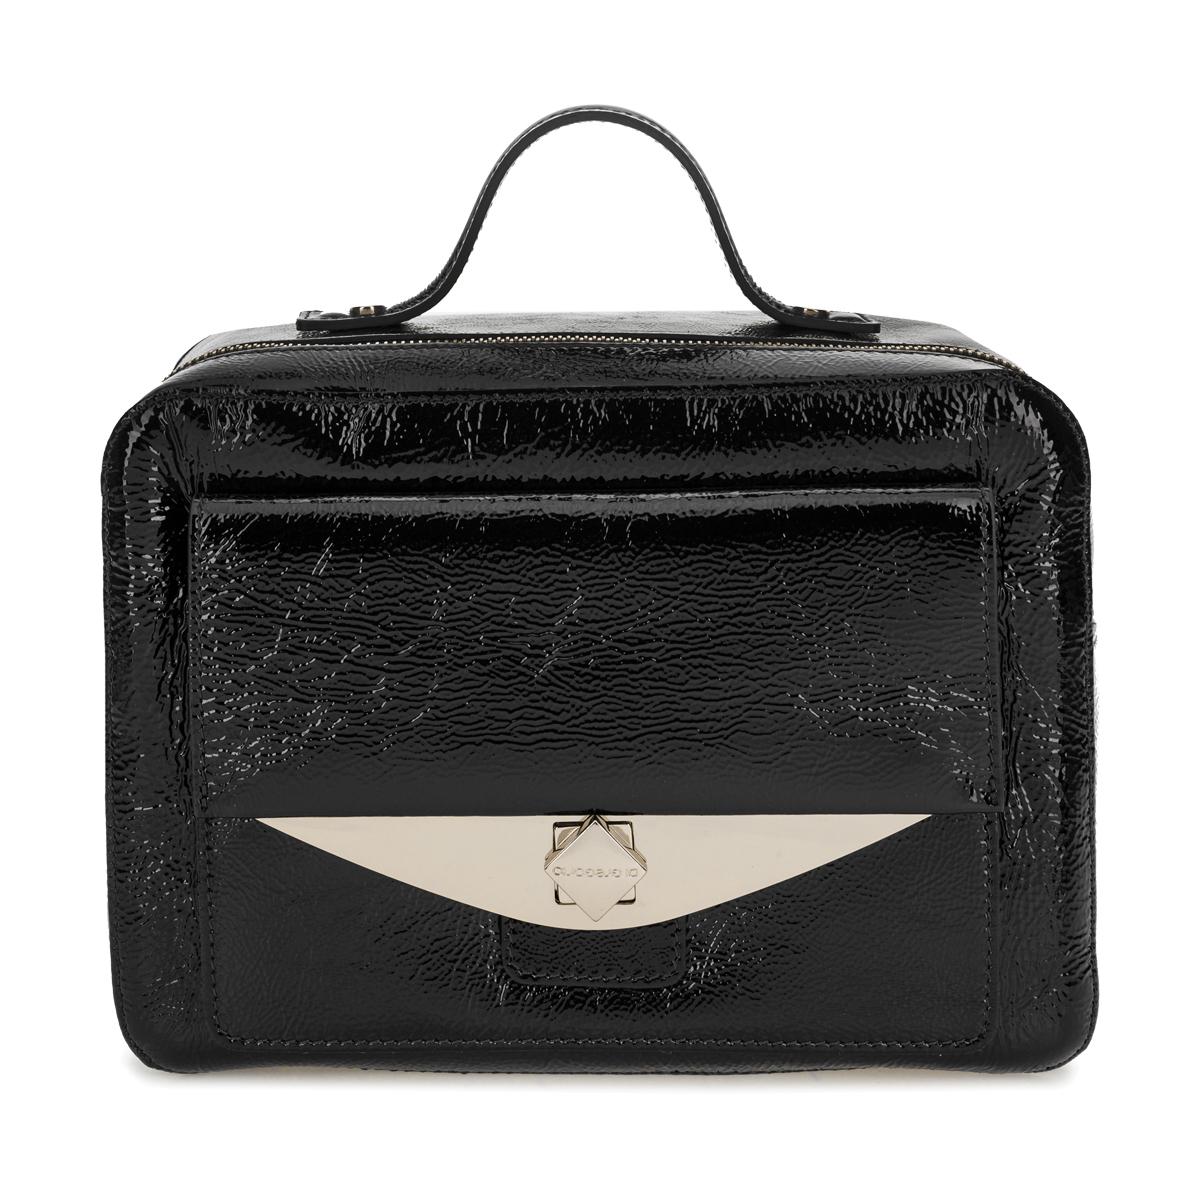 1142 DG наплак черный  (сумка женская)